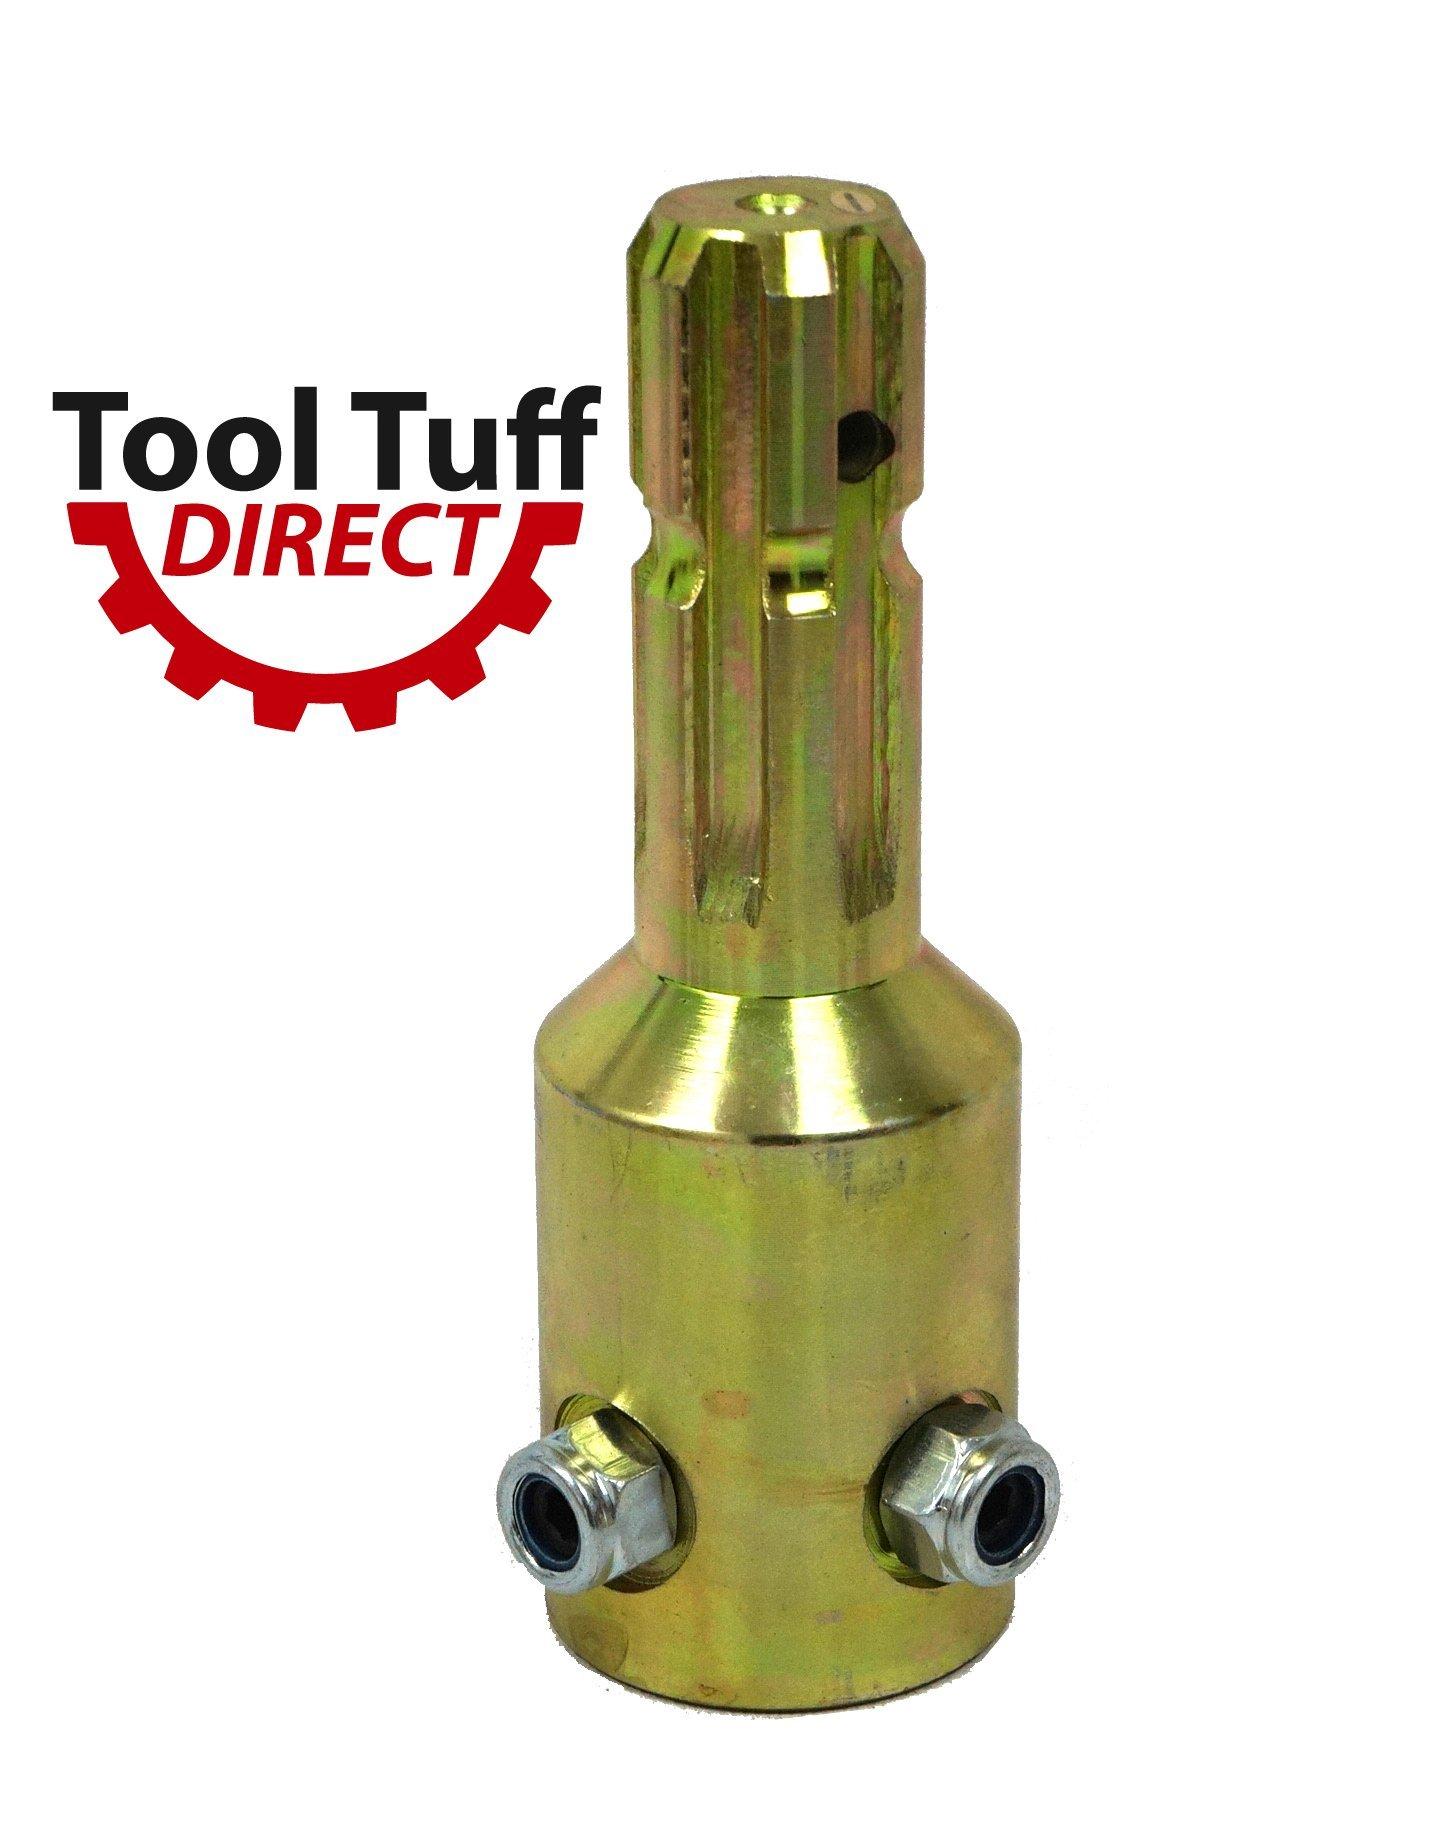 PTO Spline Adaptor, 1-3/8 x 6 Male x 1-3/4 x 20 Female w/ Set Screw Lock by AgKnx